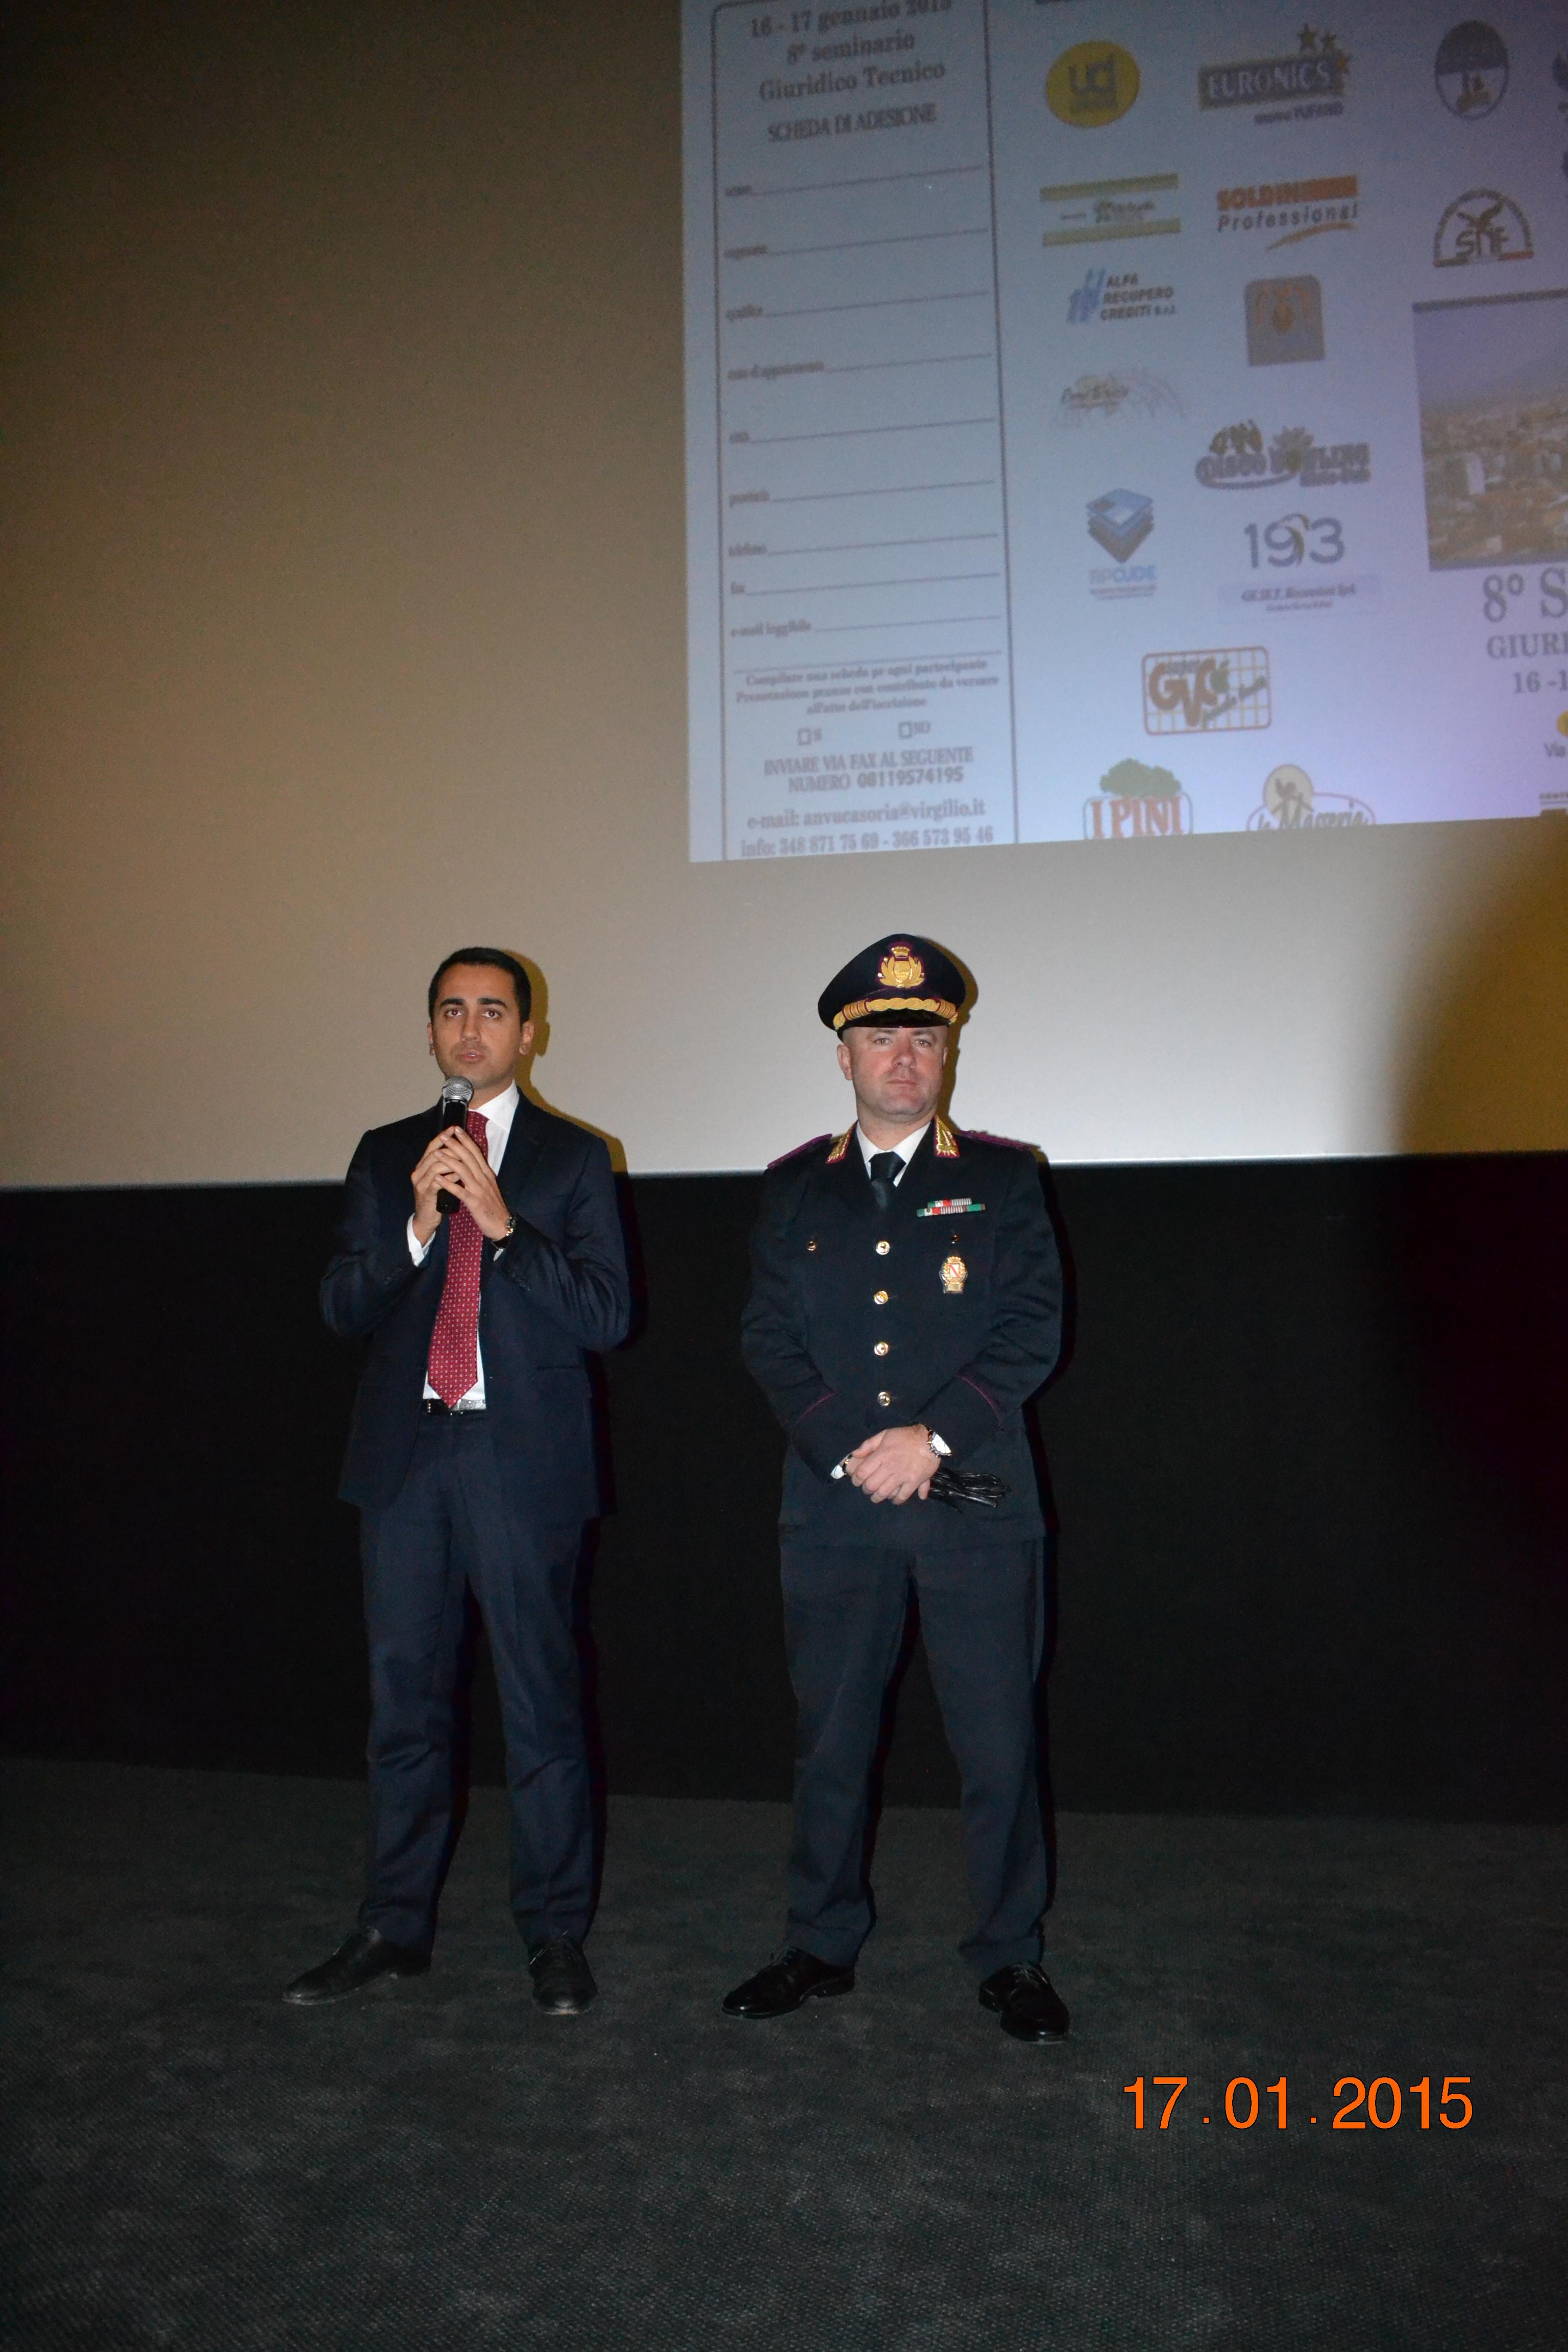 La polizia locale polizia di prossimit e polizia for Presenze camera deputati